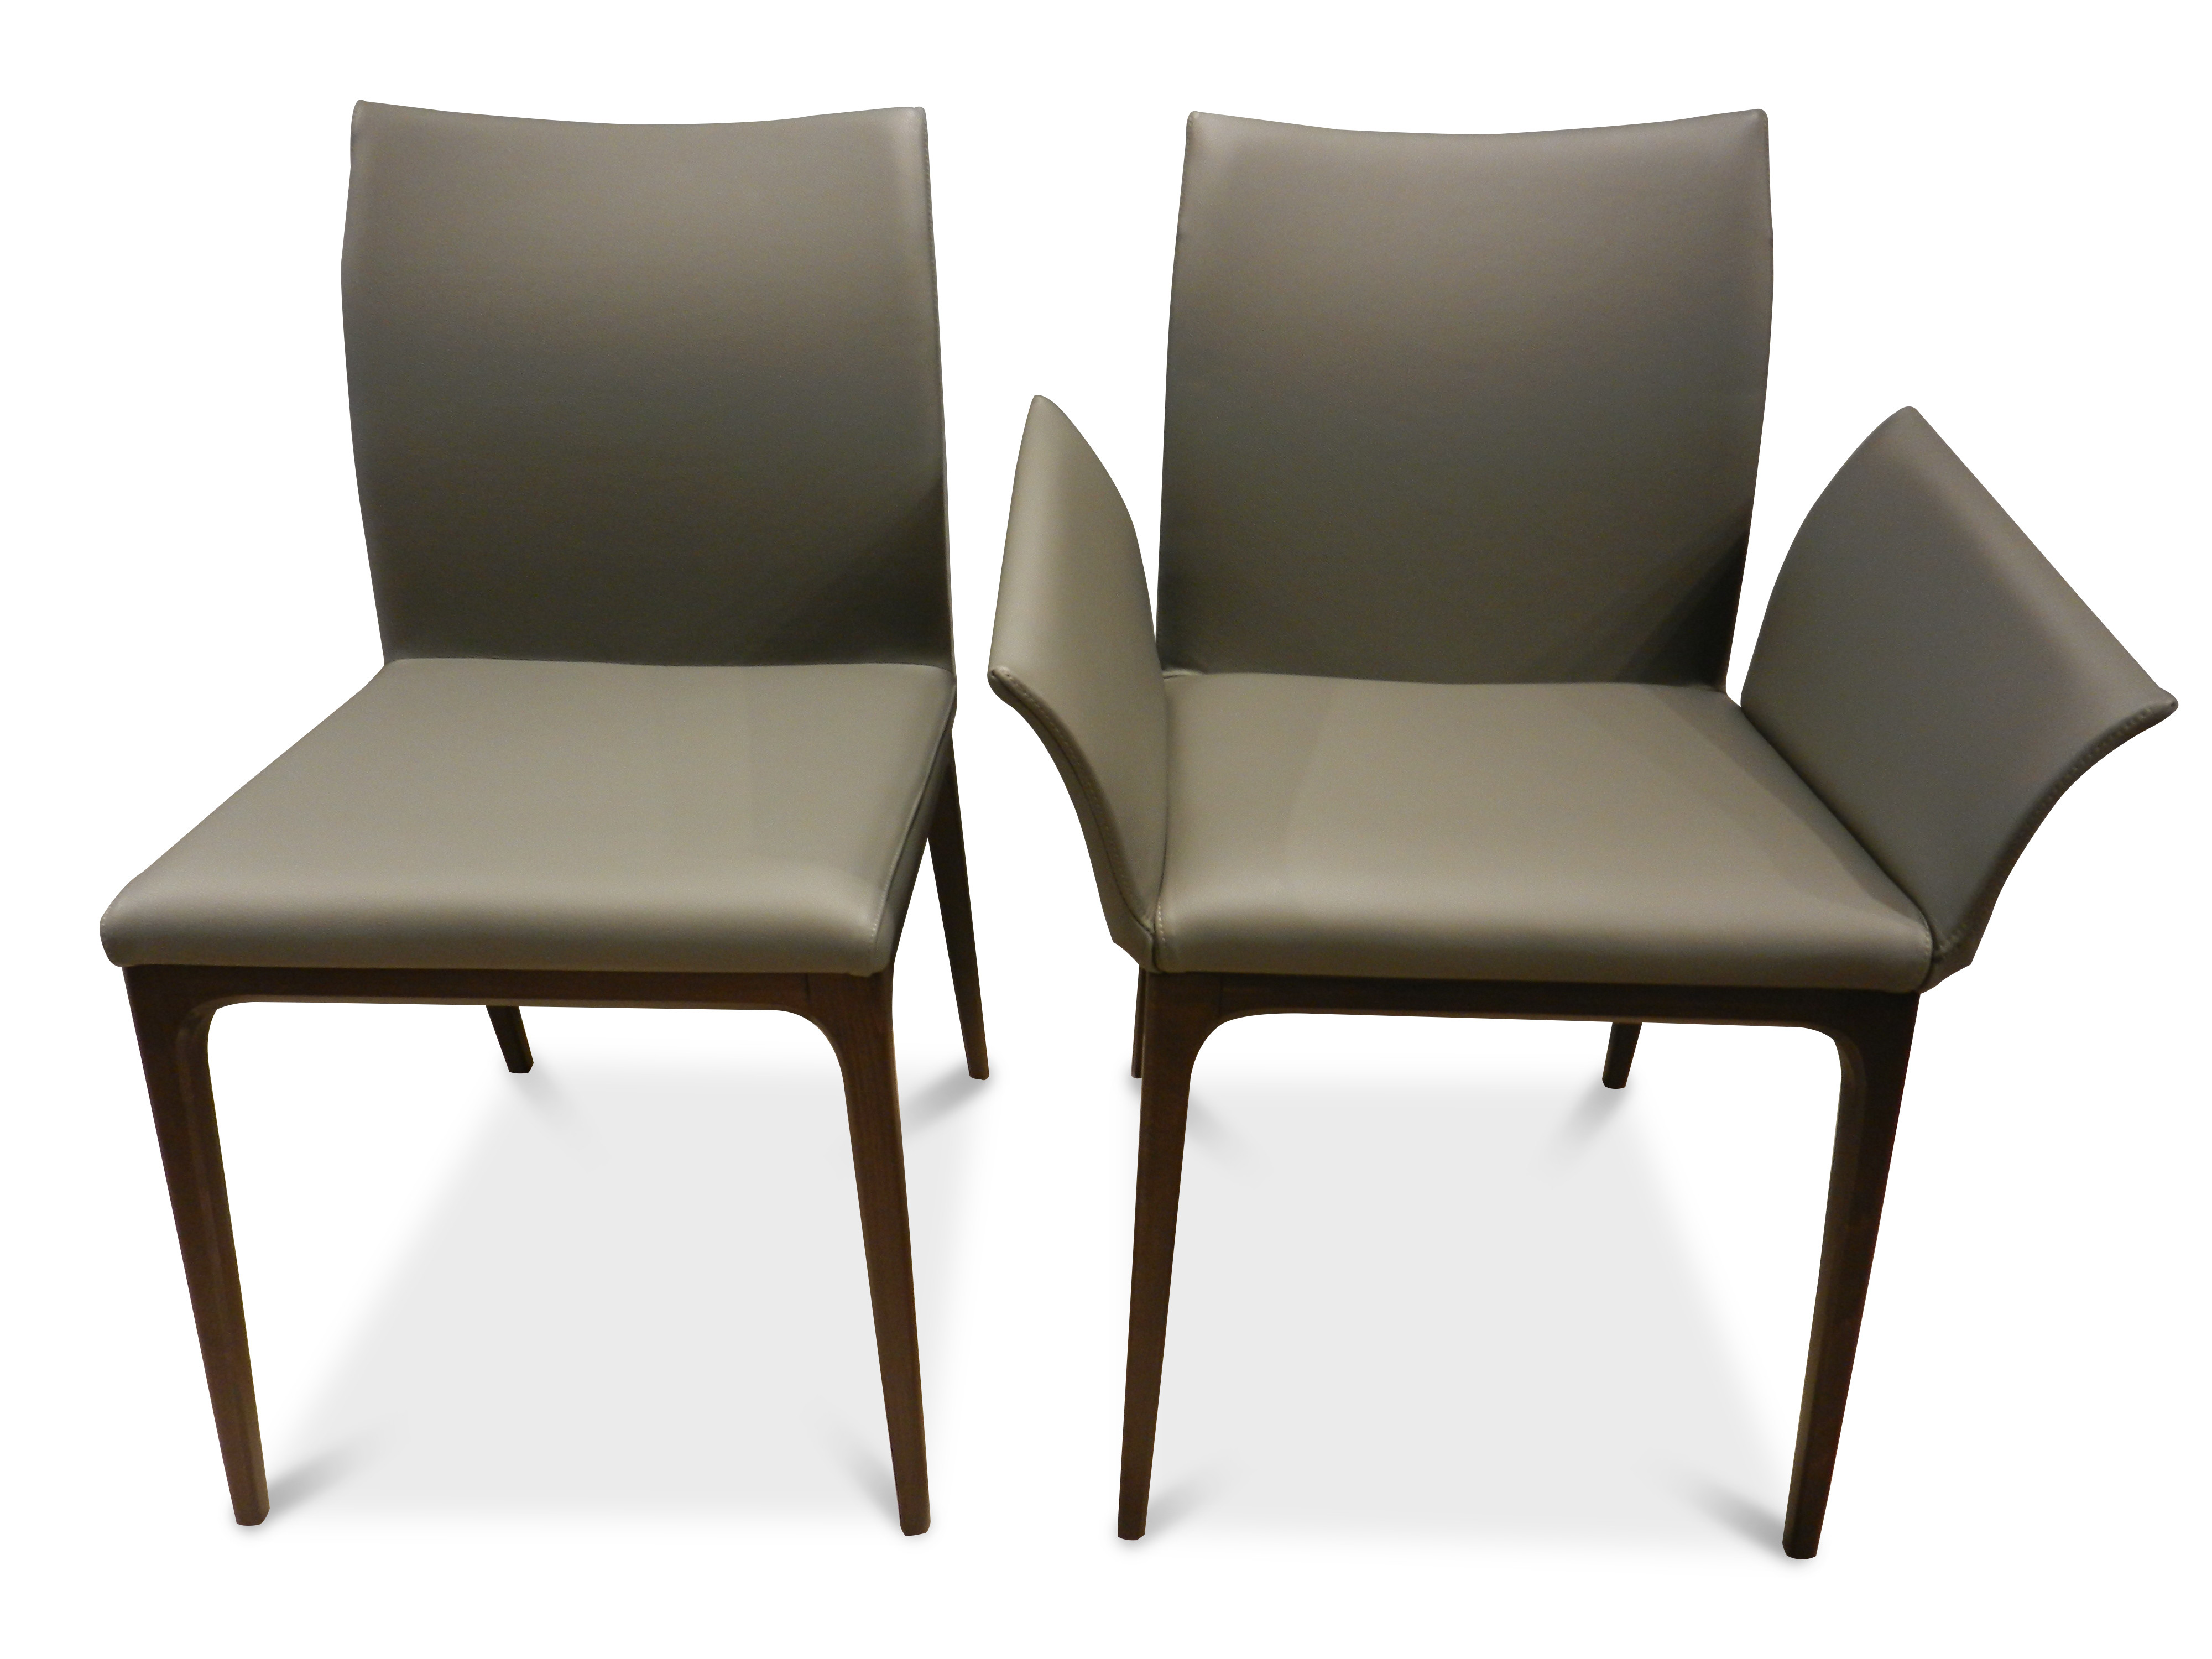 6 Stühle Arcadia von Cattelan 12